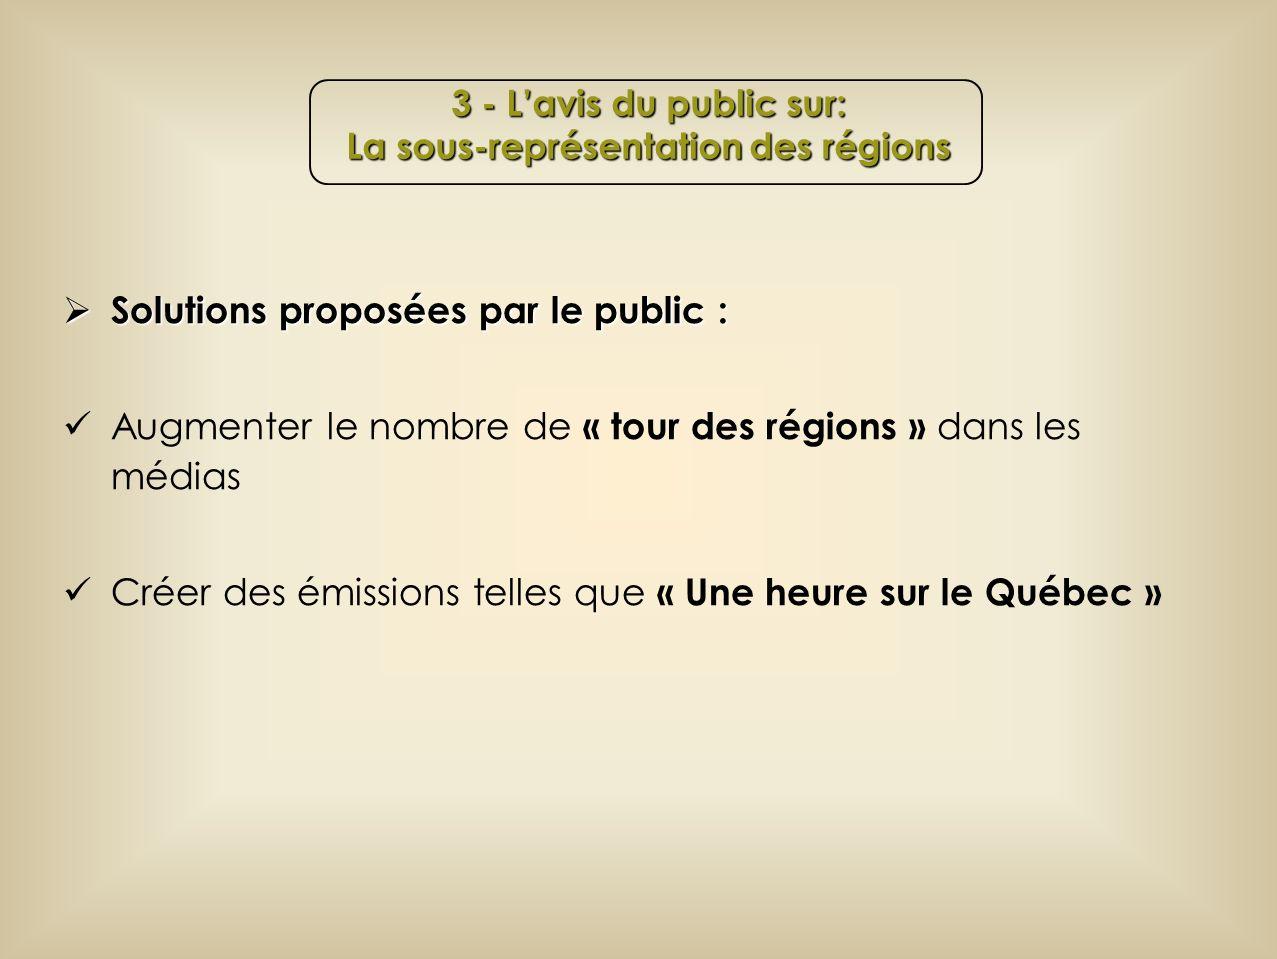 Solutions proposées par le public : Solutions proposées par le public : Augmenter le nombre de « tour des régions » dans les médias Créer des émission